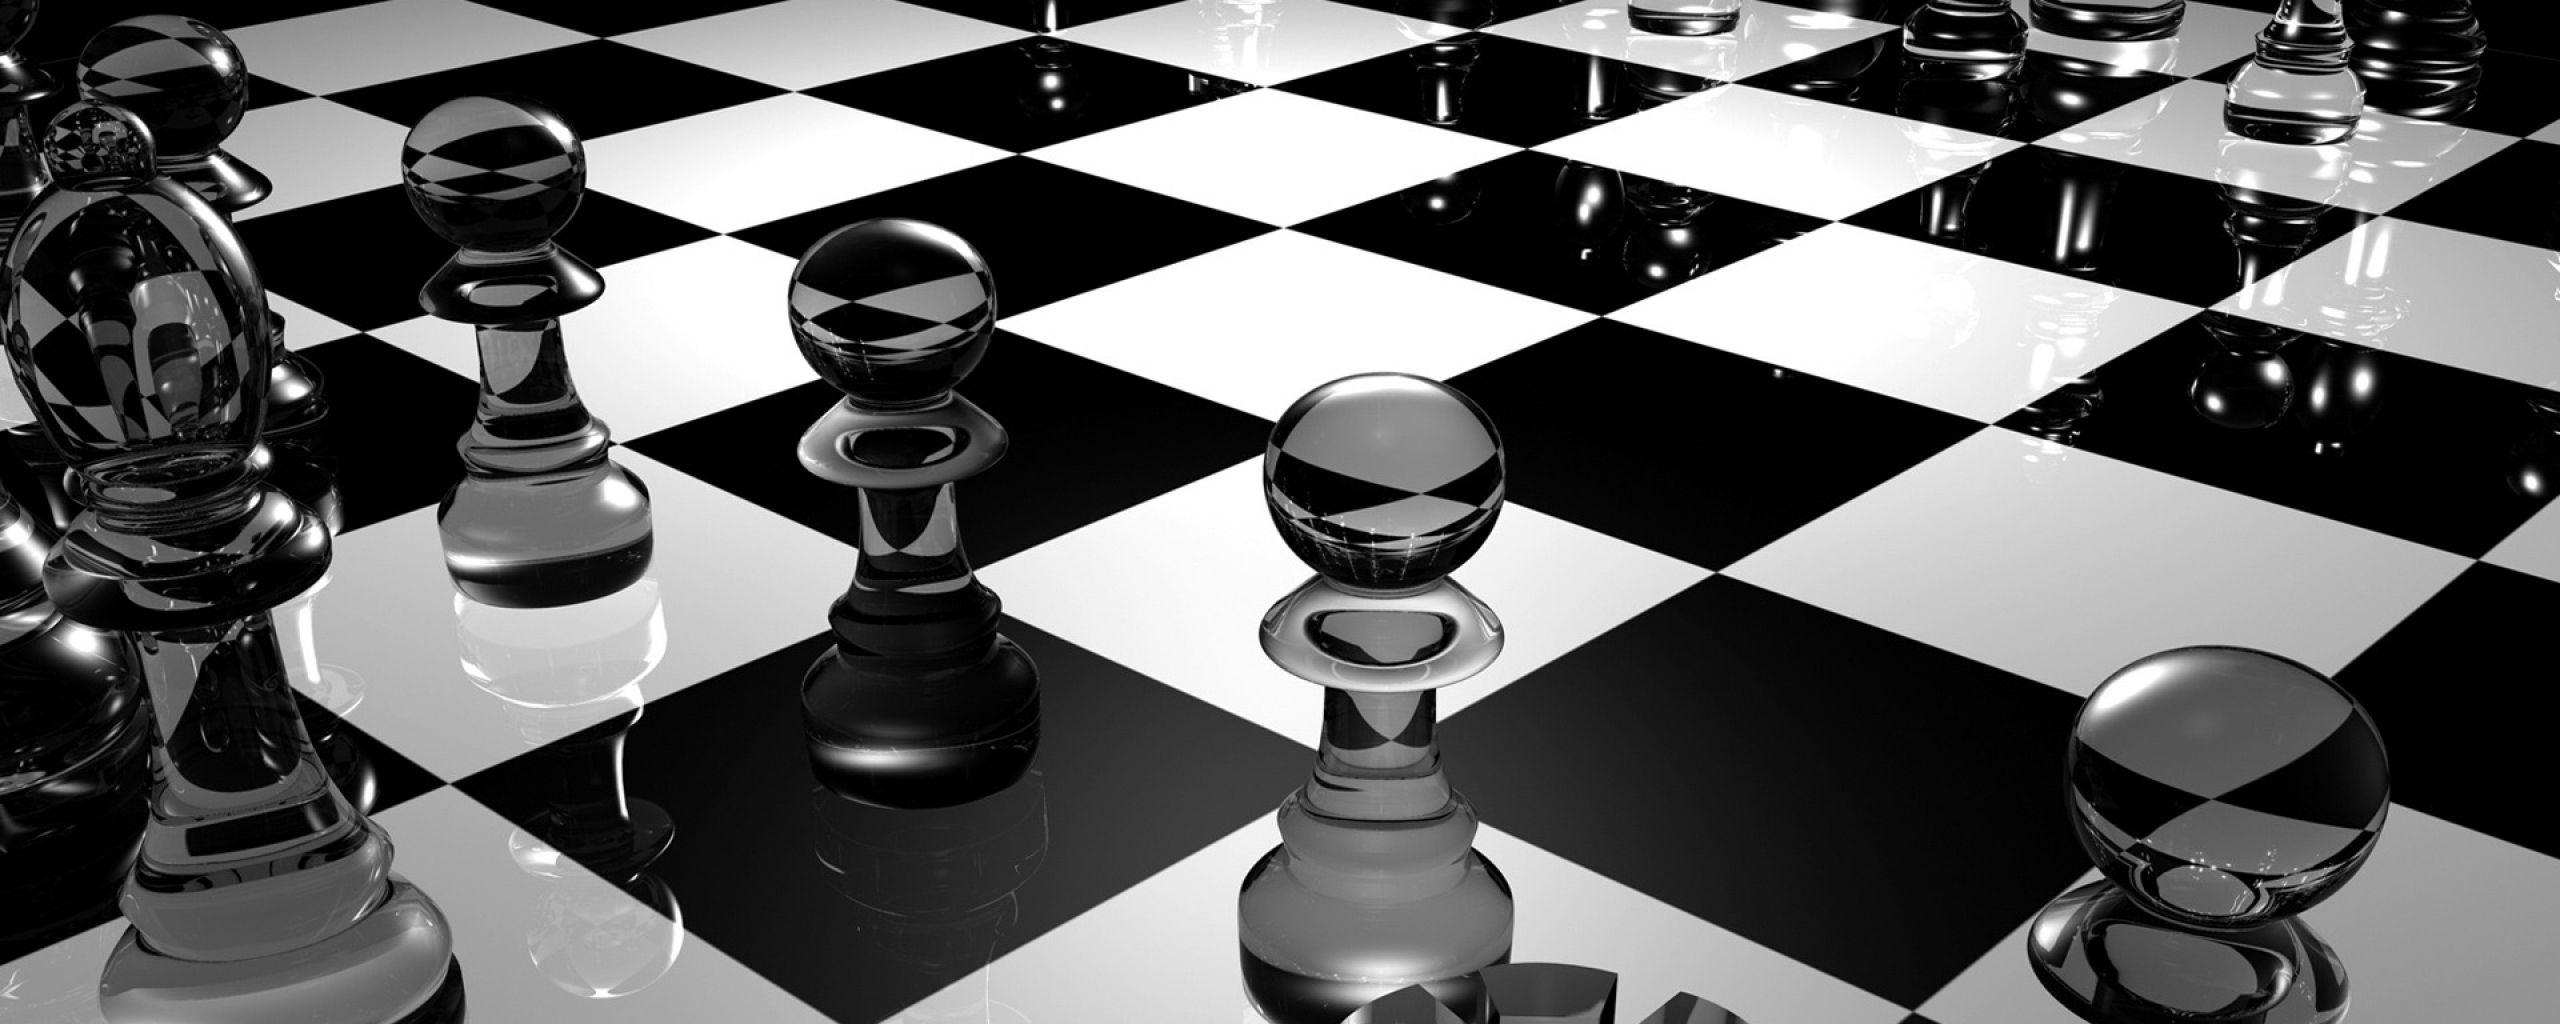 Chess board wallpaper 25601024 chess board wallpapers 36 chess board wallpaper 25601024 chess board wallpapers 36 wallpapers adorable wallpapers voltagebd Gallery